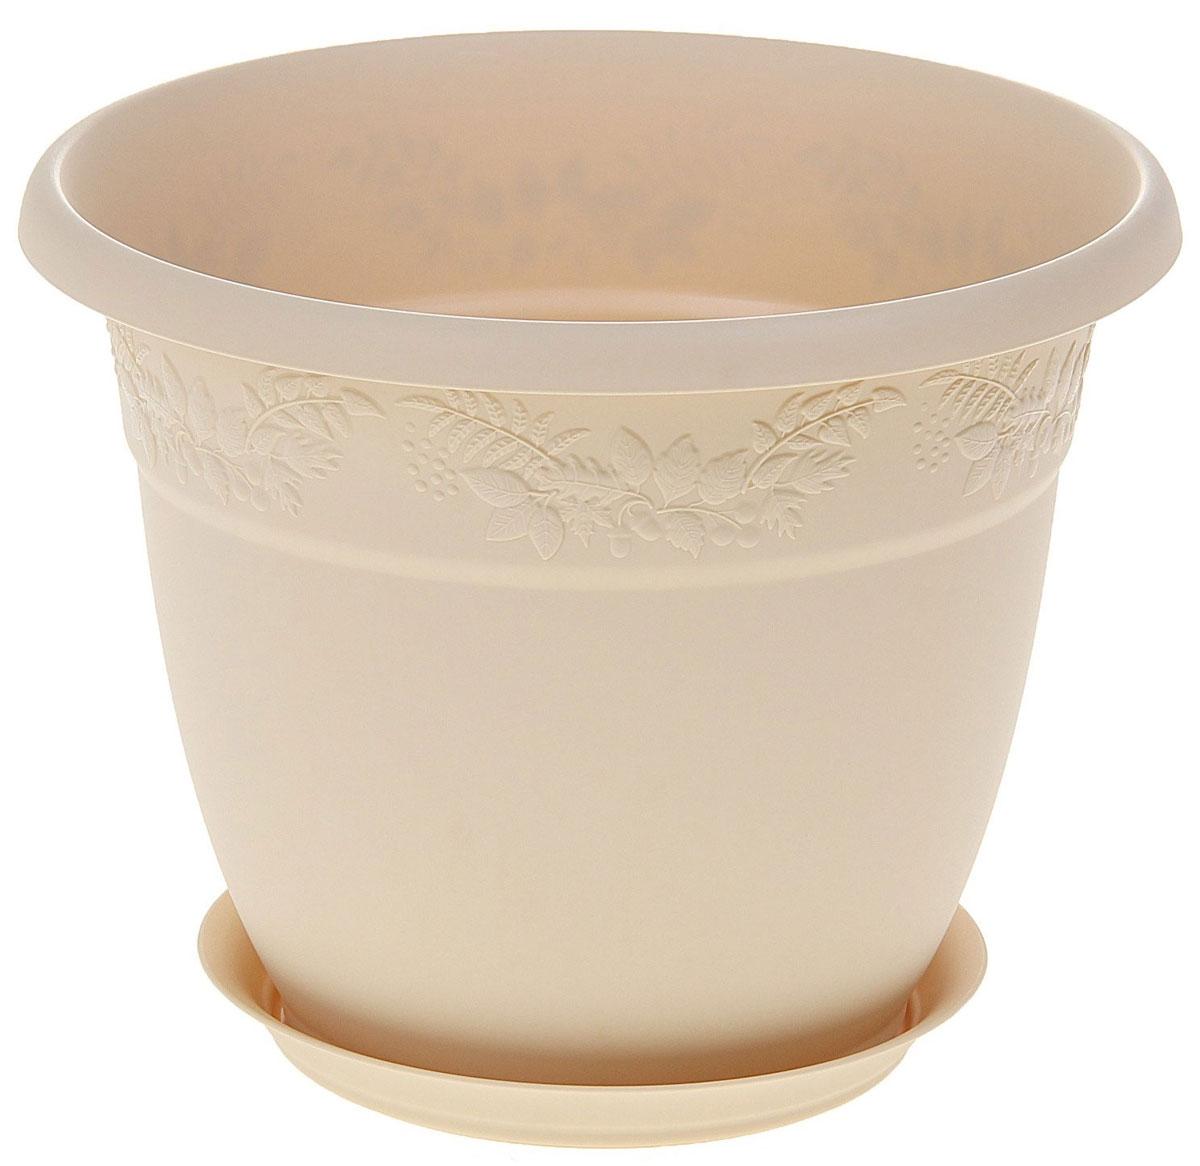 Кашпо Idea Рябина, с поддоном, цвет: белая глина, 7,5 лМ 3057Кашпо Idea Рябина изготовлено из высококачественного полипропилена (пластика). Специальный поддон предназначен для стока воды. Изделие прекрасно подходит для выращивания растений и цветов в домашних условиях. Лаконичный дизайн впишется в интерьер любого помещения. Диаметр поддона: 19,5 см. Объем кашпо: 7,5 л. Диаметр кашпо по верхнему краю: 28 см. Высота кашпо: 22 см.